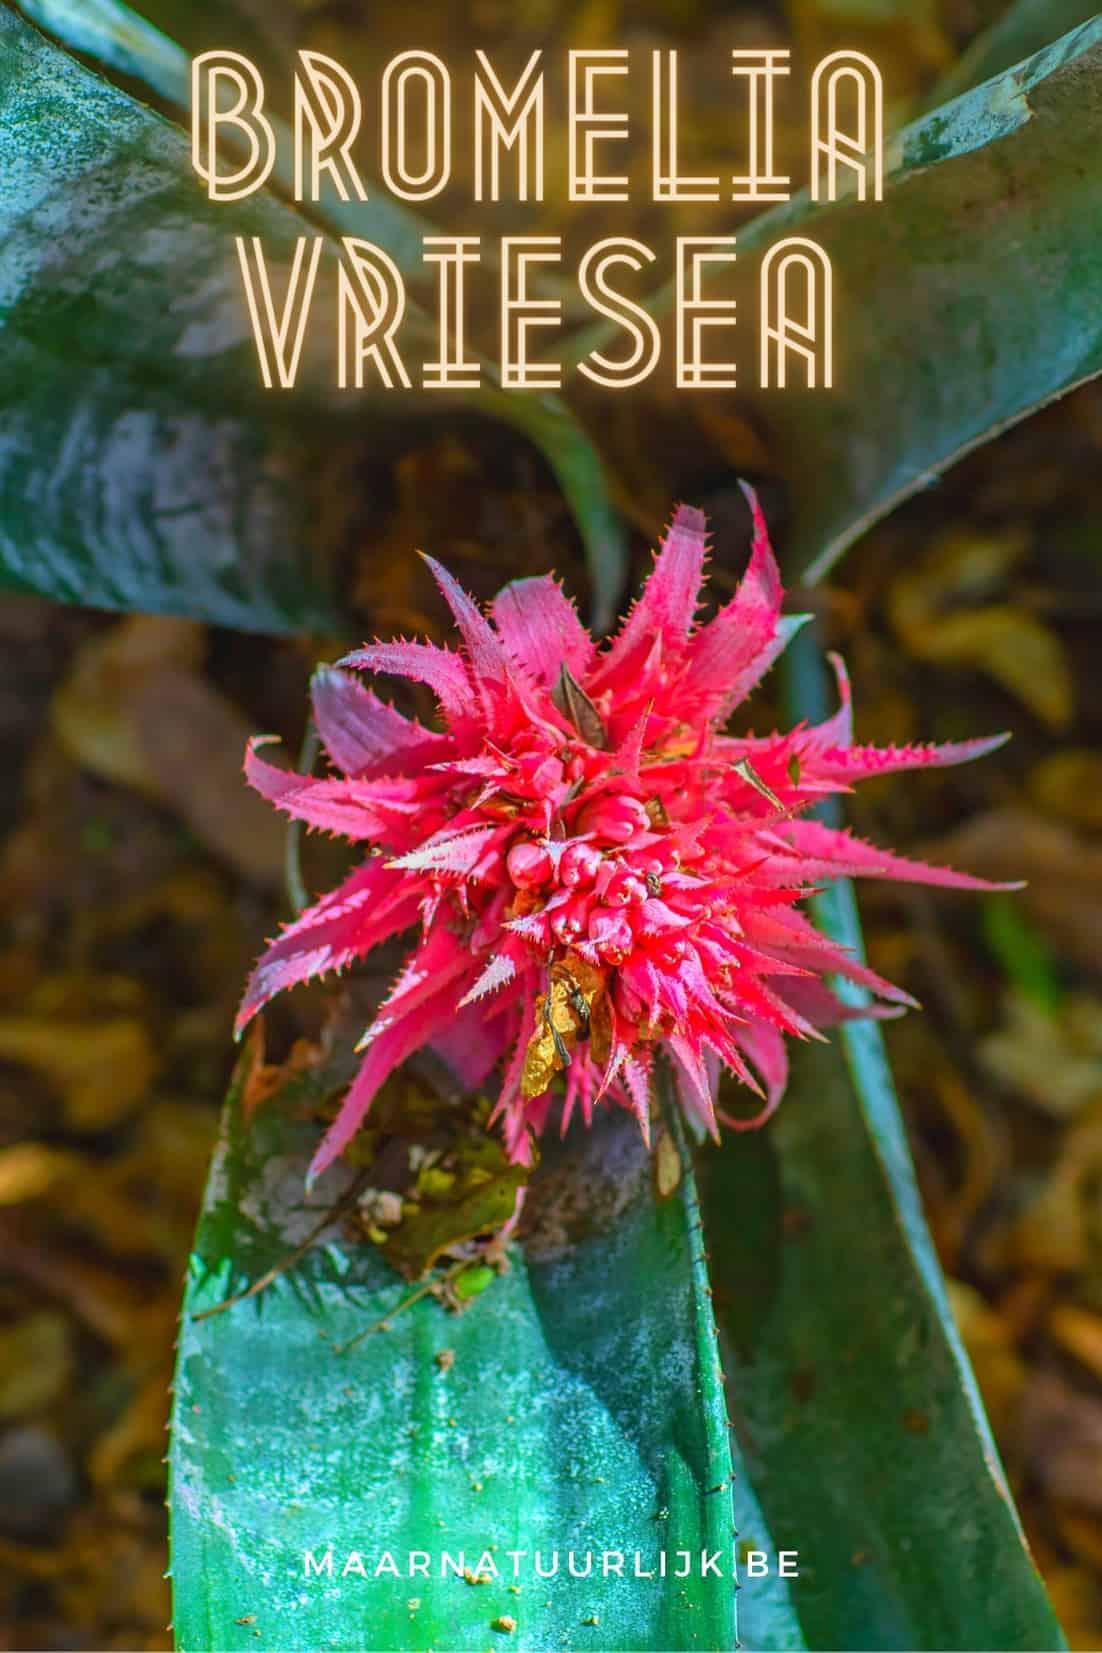 Bromelia Vriesea voor verticaal tuinieren